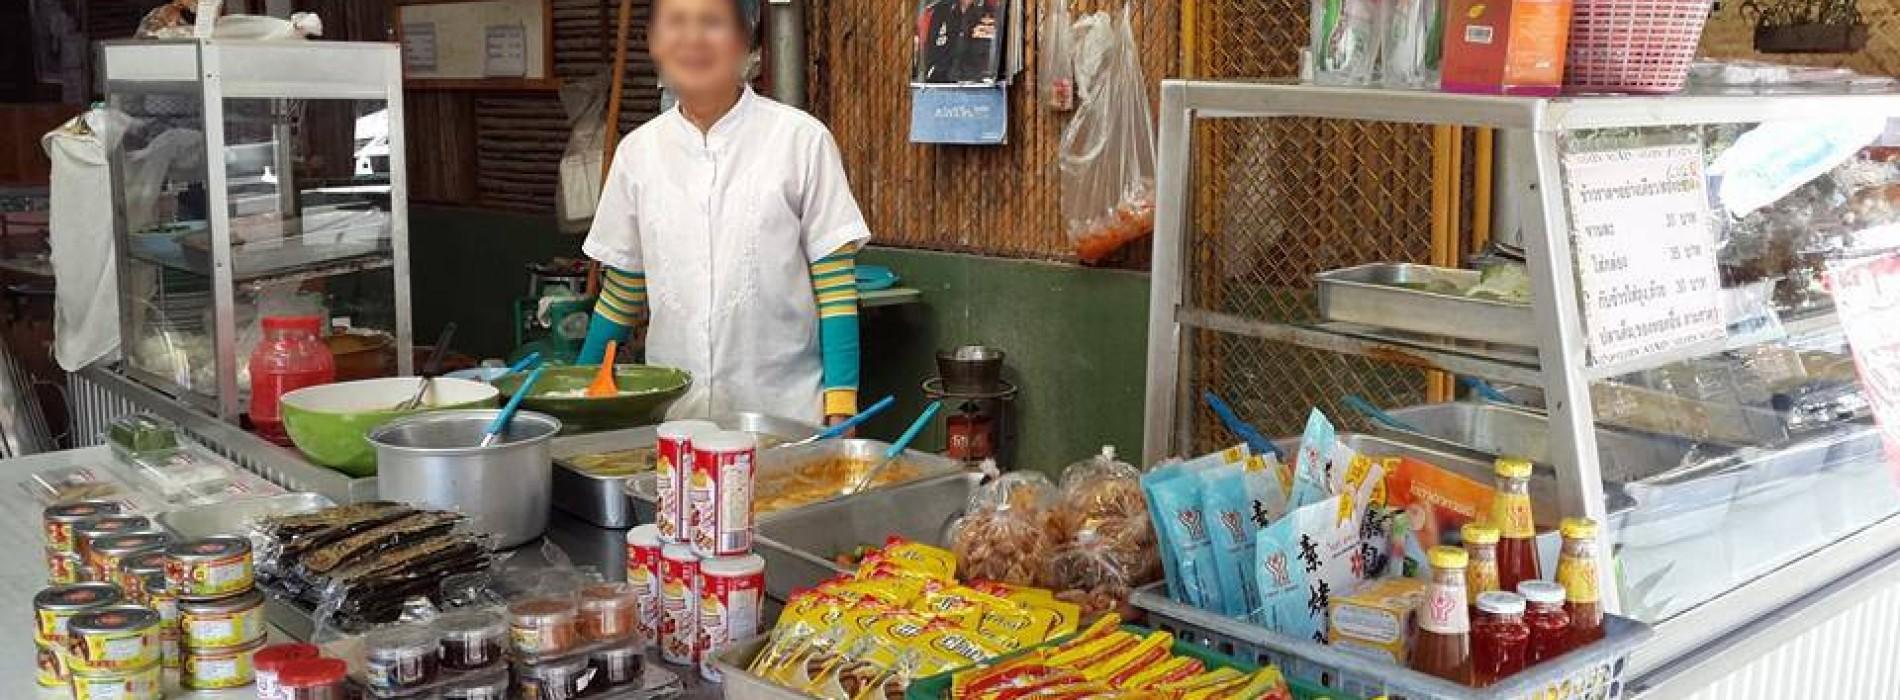 ร้านอาหารเจ ฉือฝอกง ร้านอาหารเจจังหวัดฉะเชิงเทรา